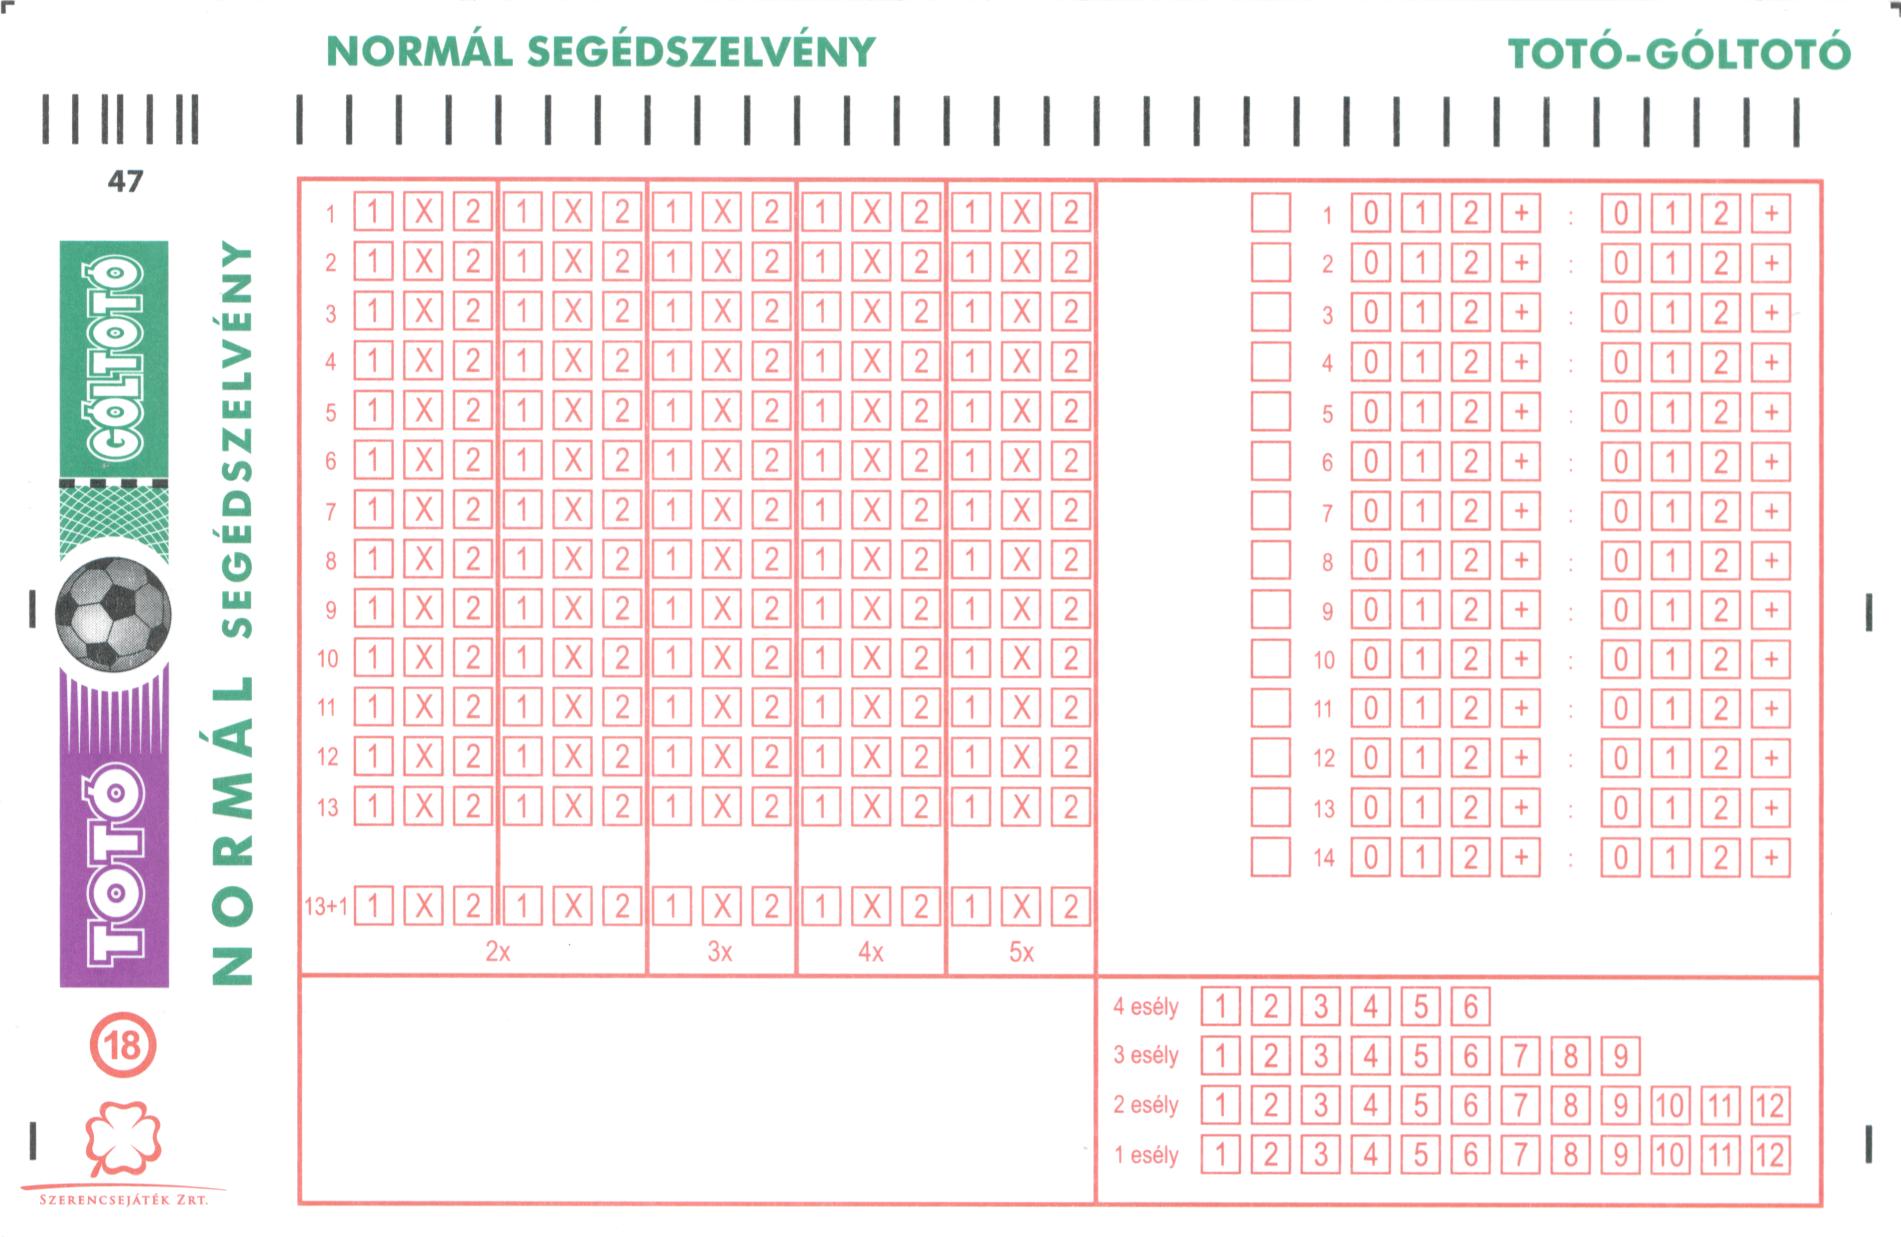 bináris opciók bevétele